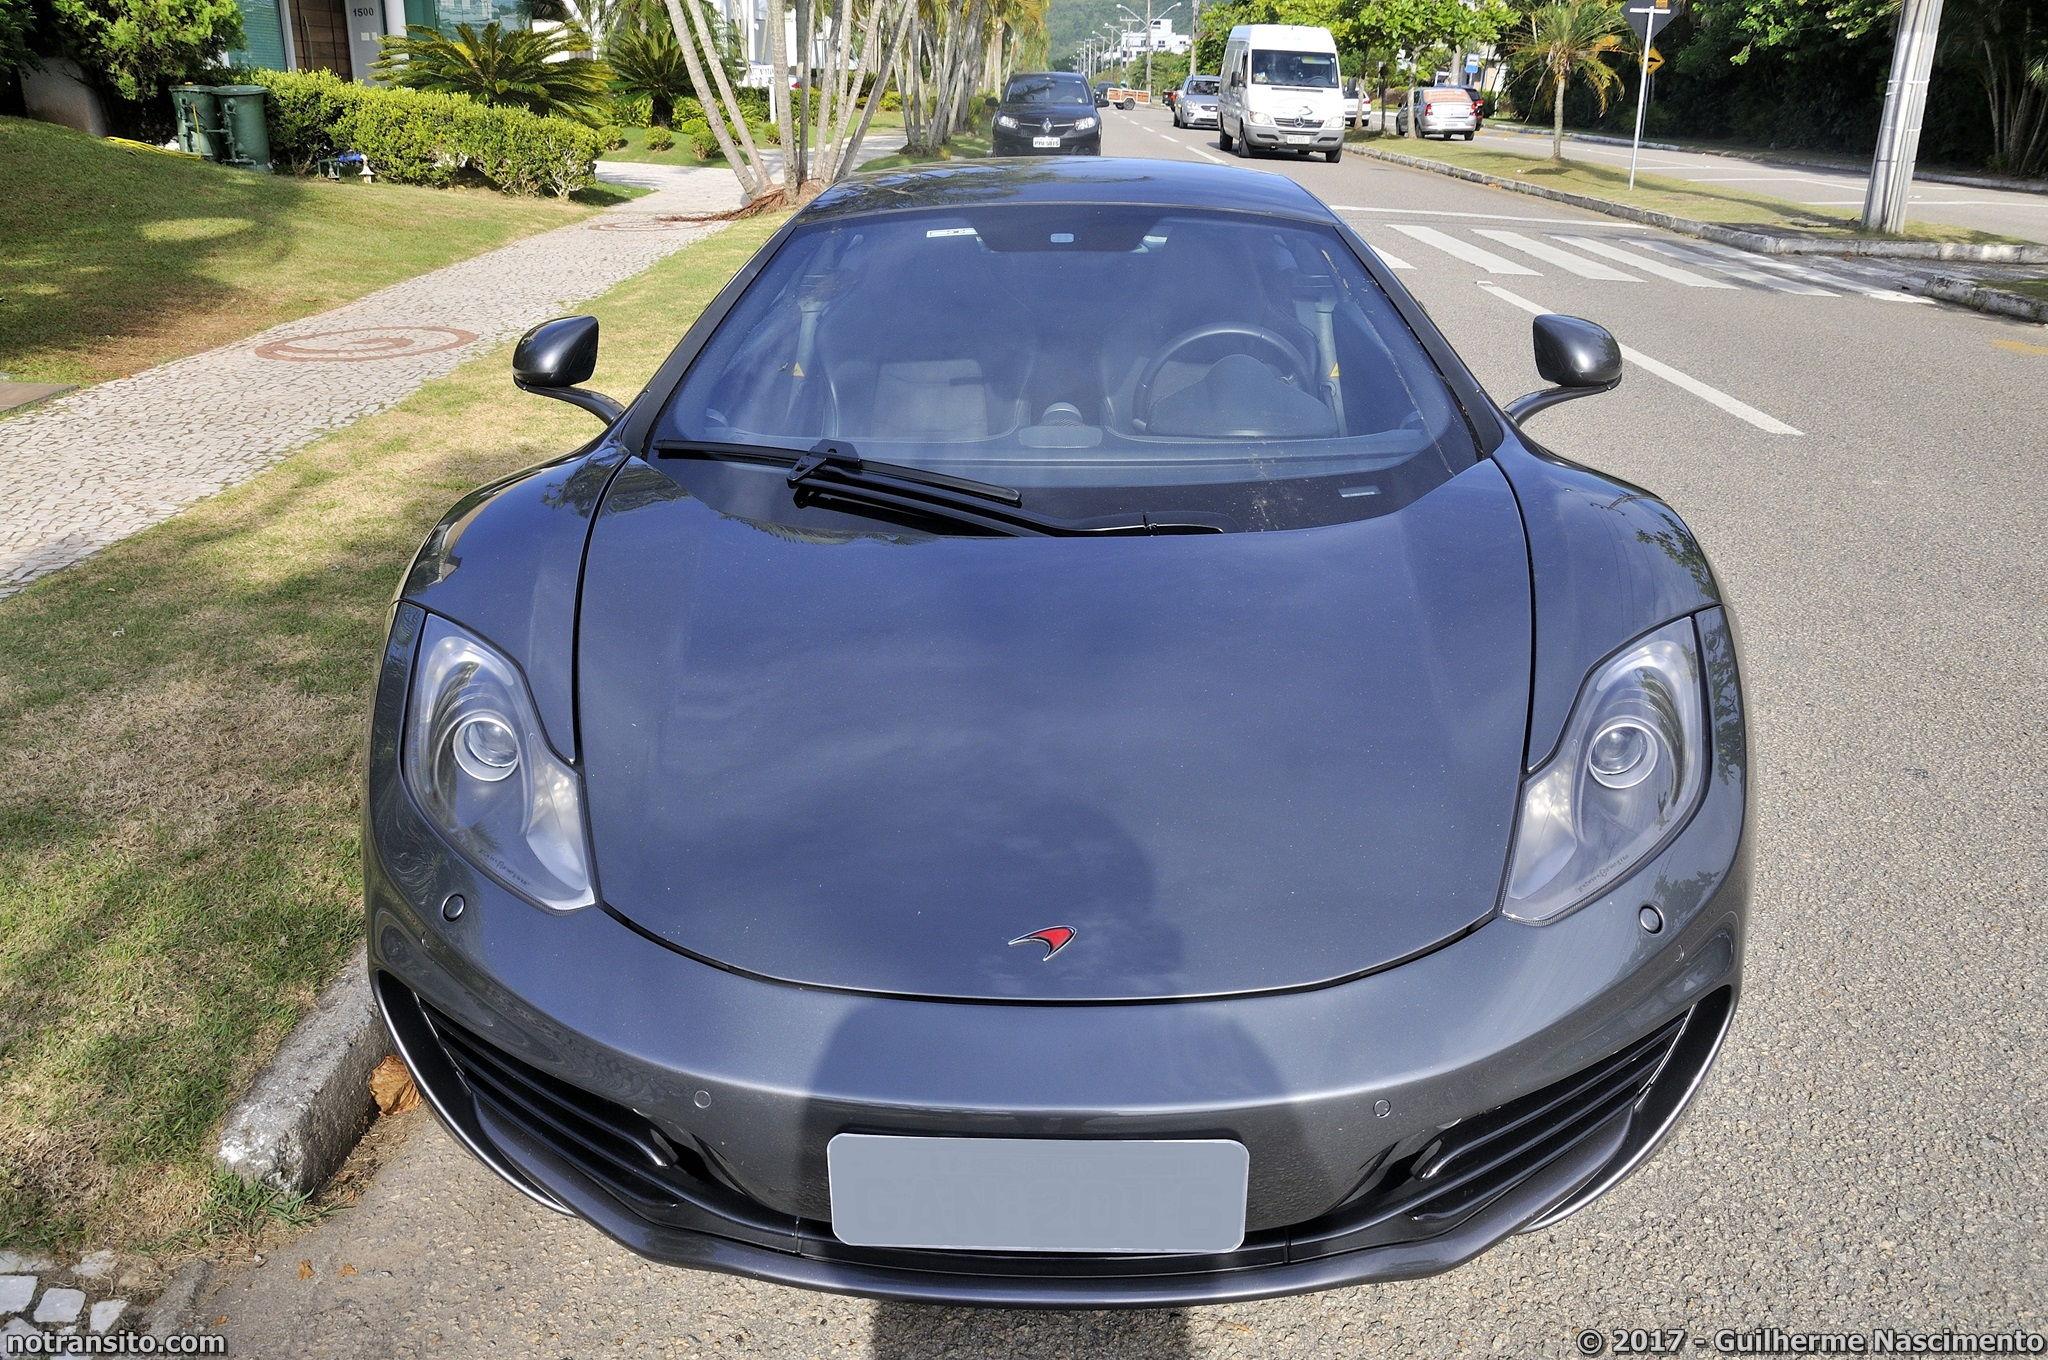 Lamborghini-Aventador-LP-700-4-McLaren-MP4-12C-005